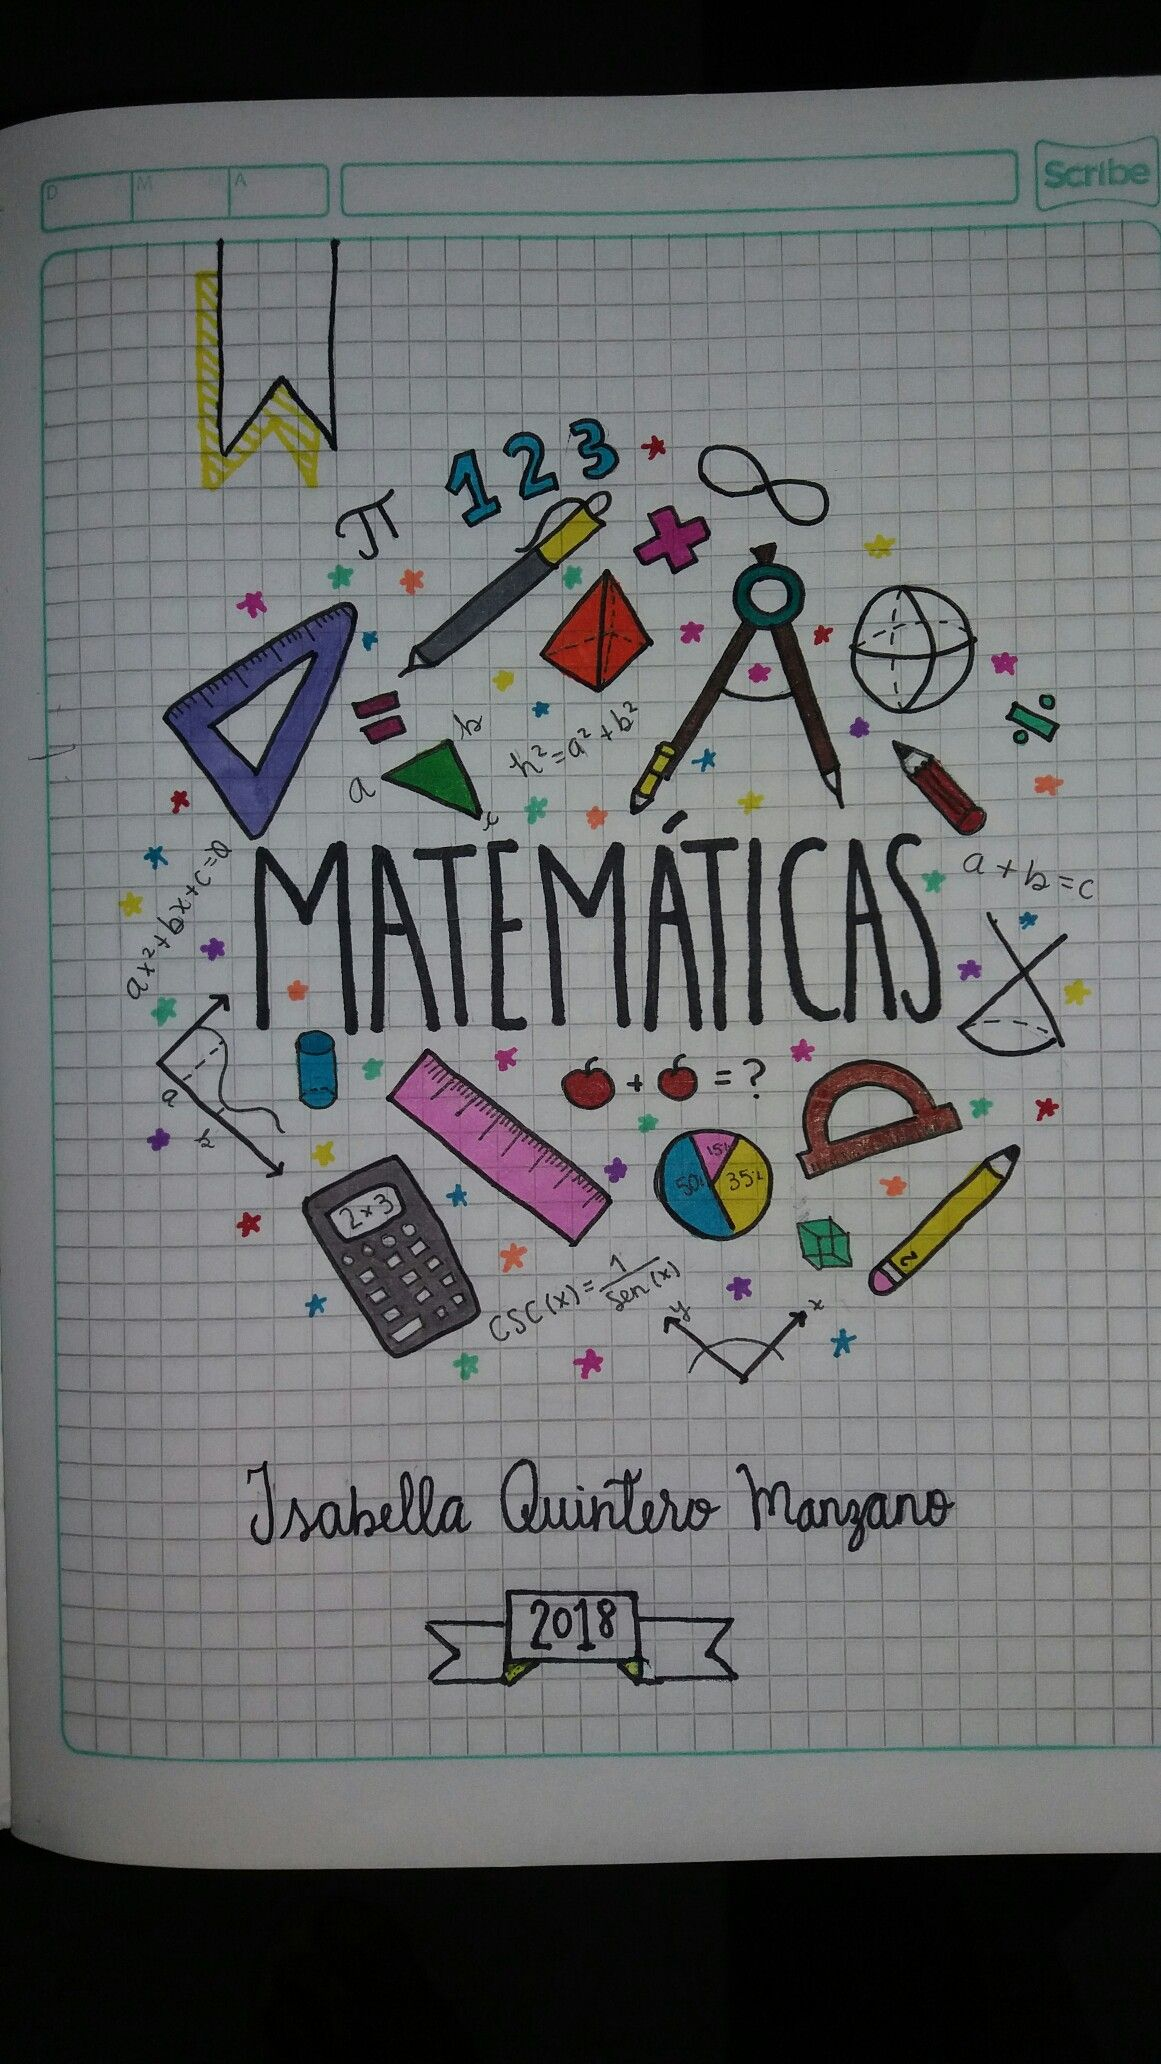 Cuaderno matemáticas Math Notebook | Caratulas y Apuntes